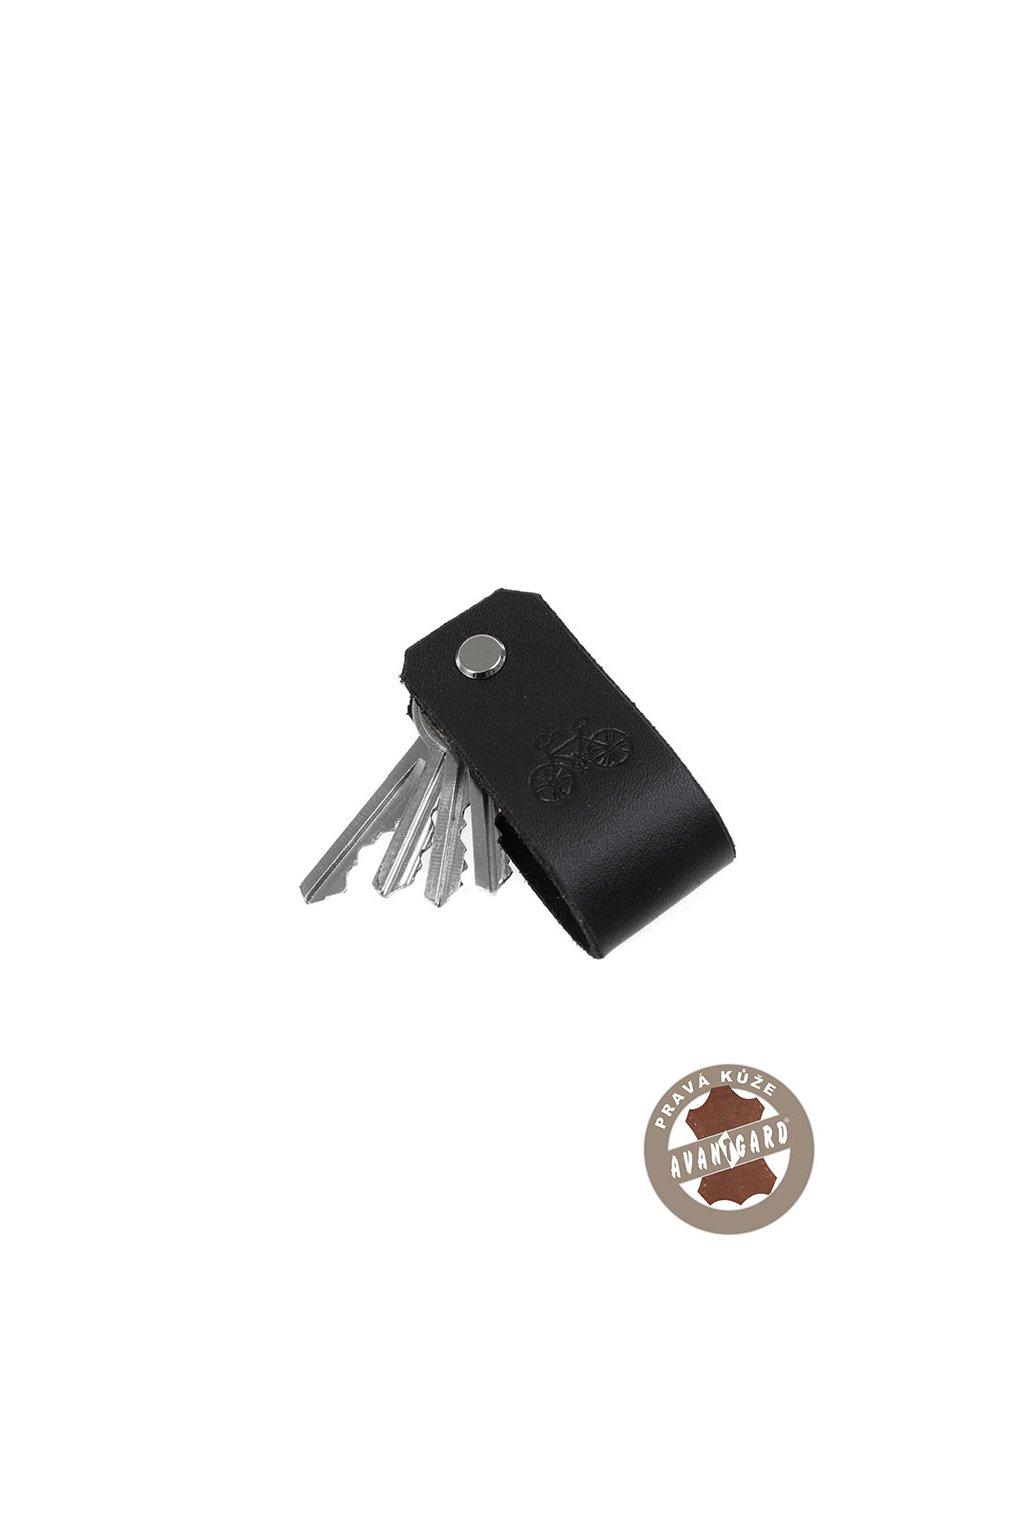 Klíčenka z pravé kůže s ražbou kola, 805-2305, Černá/kolo